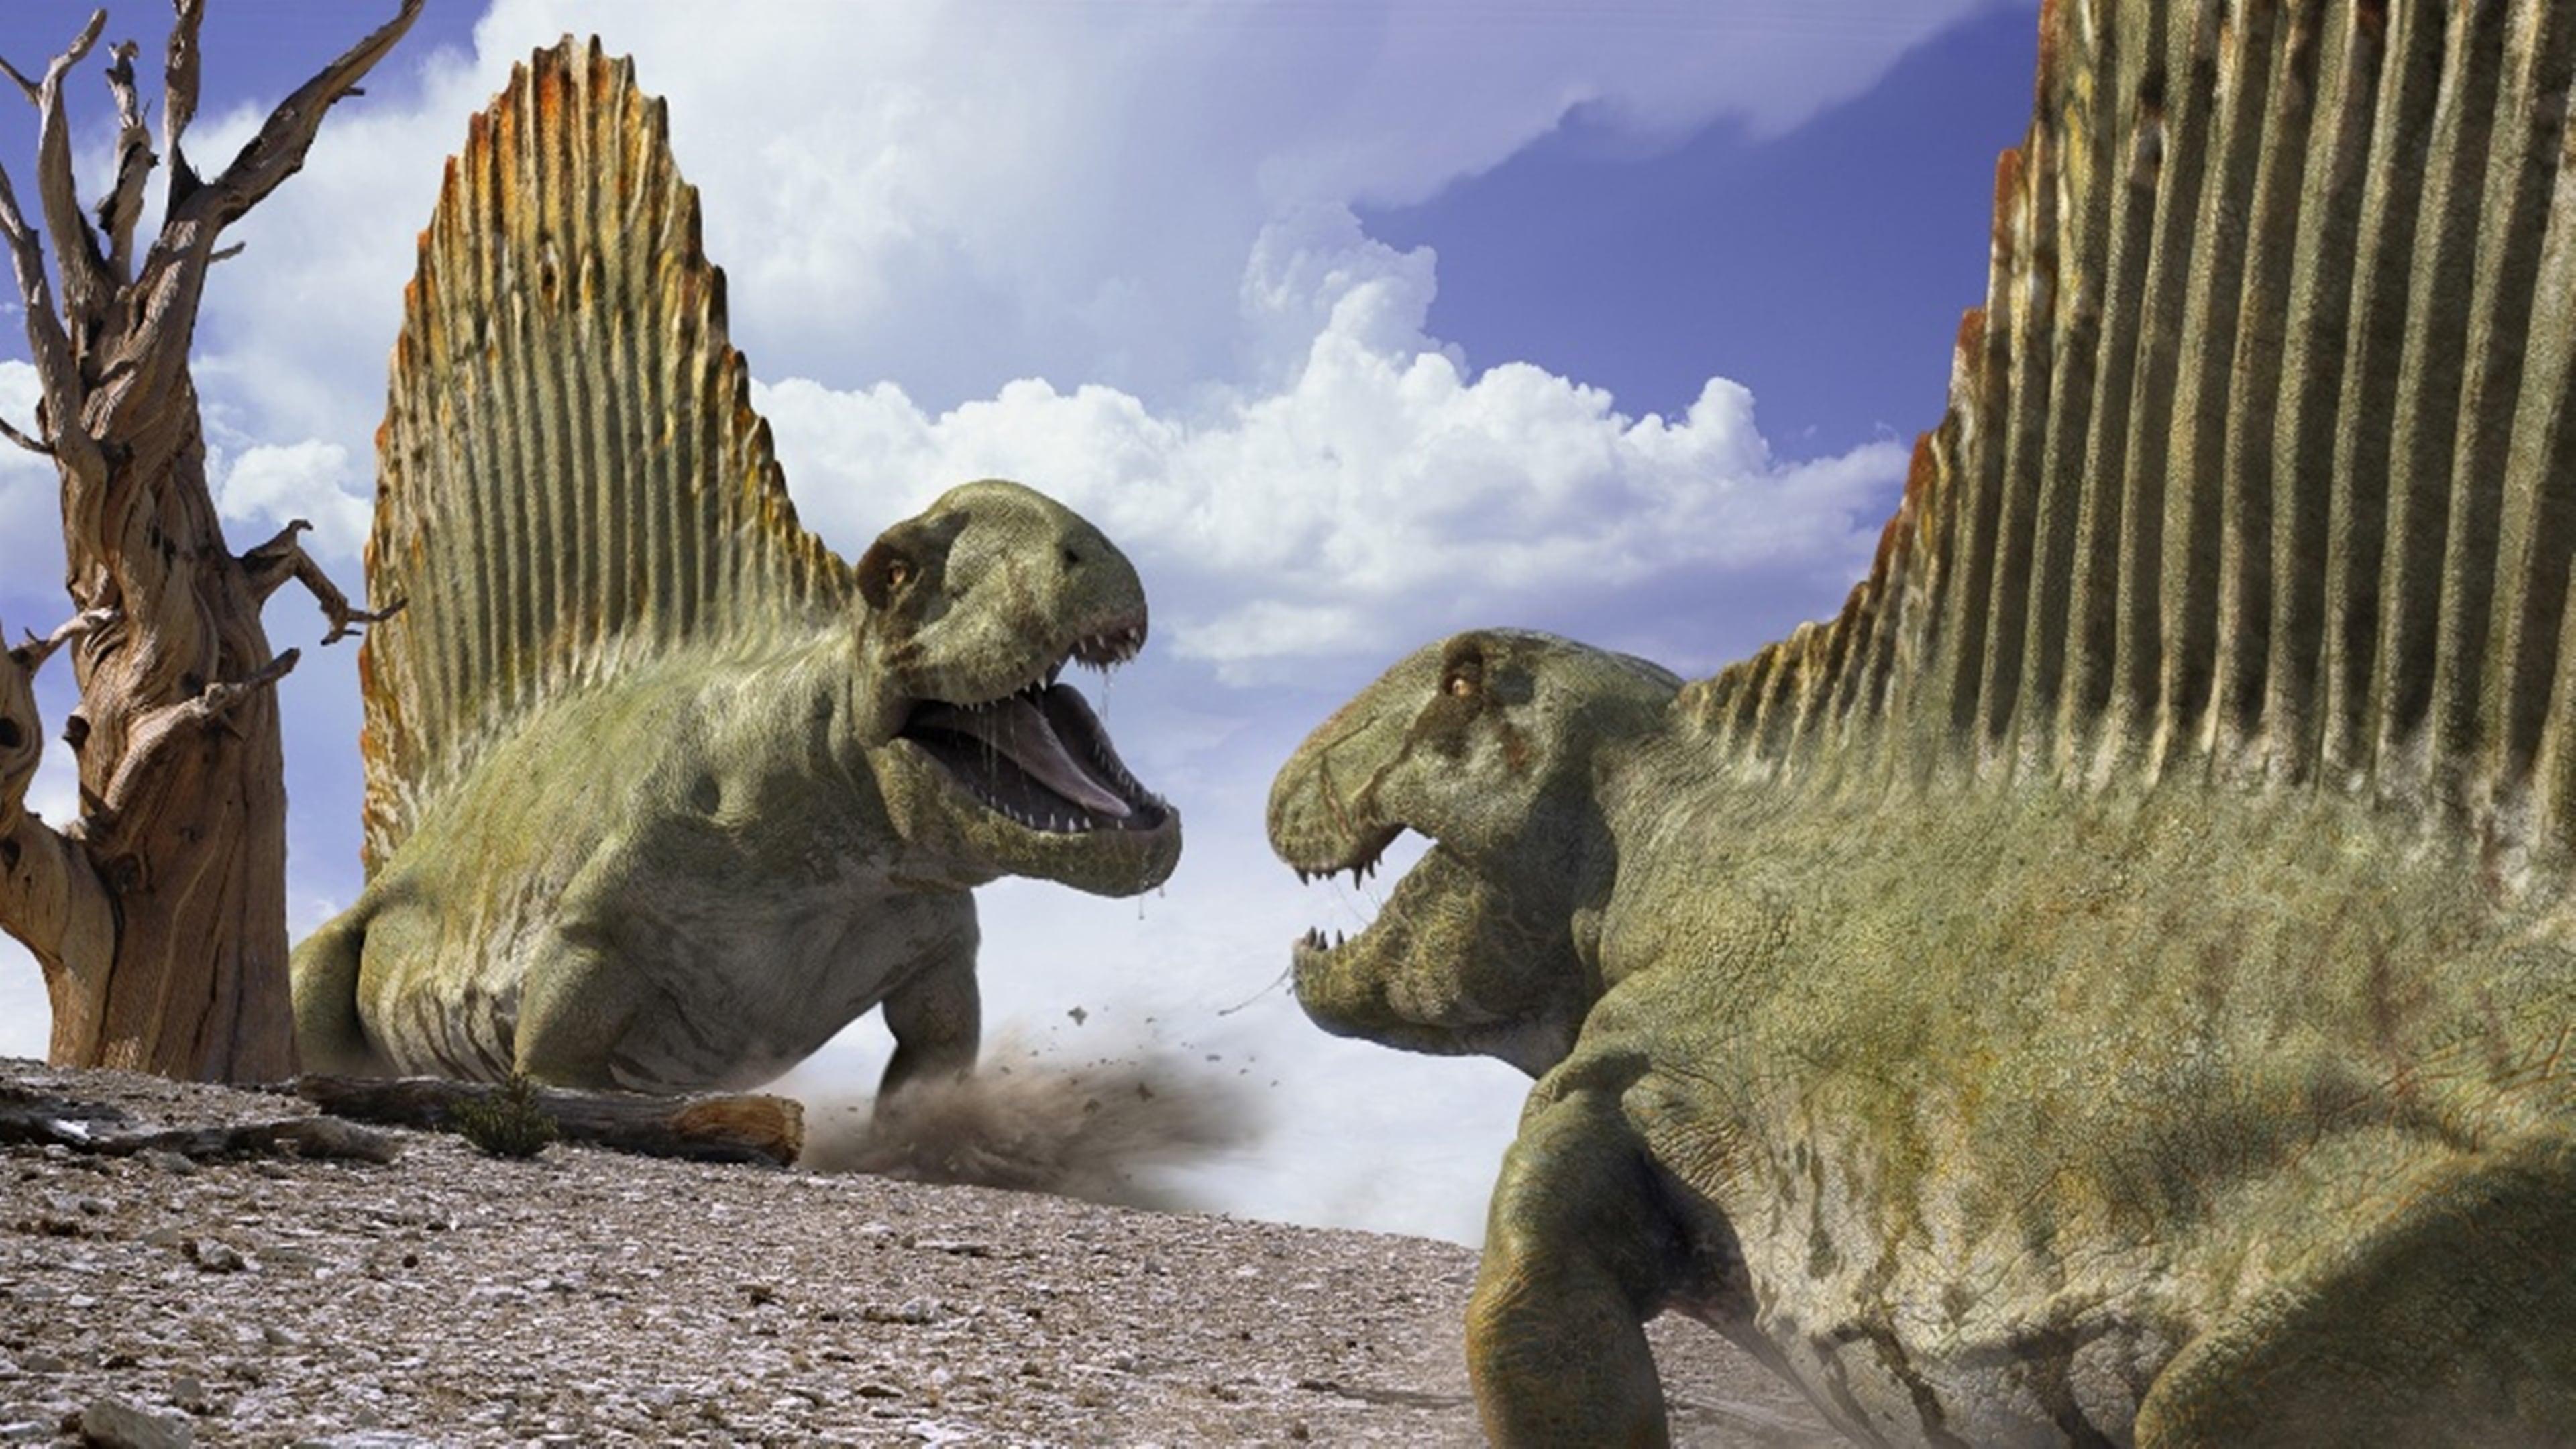 картинки прогулки с монстрами жизнь до динозавров окрестностях местечка